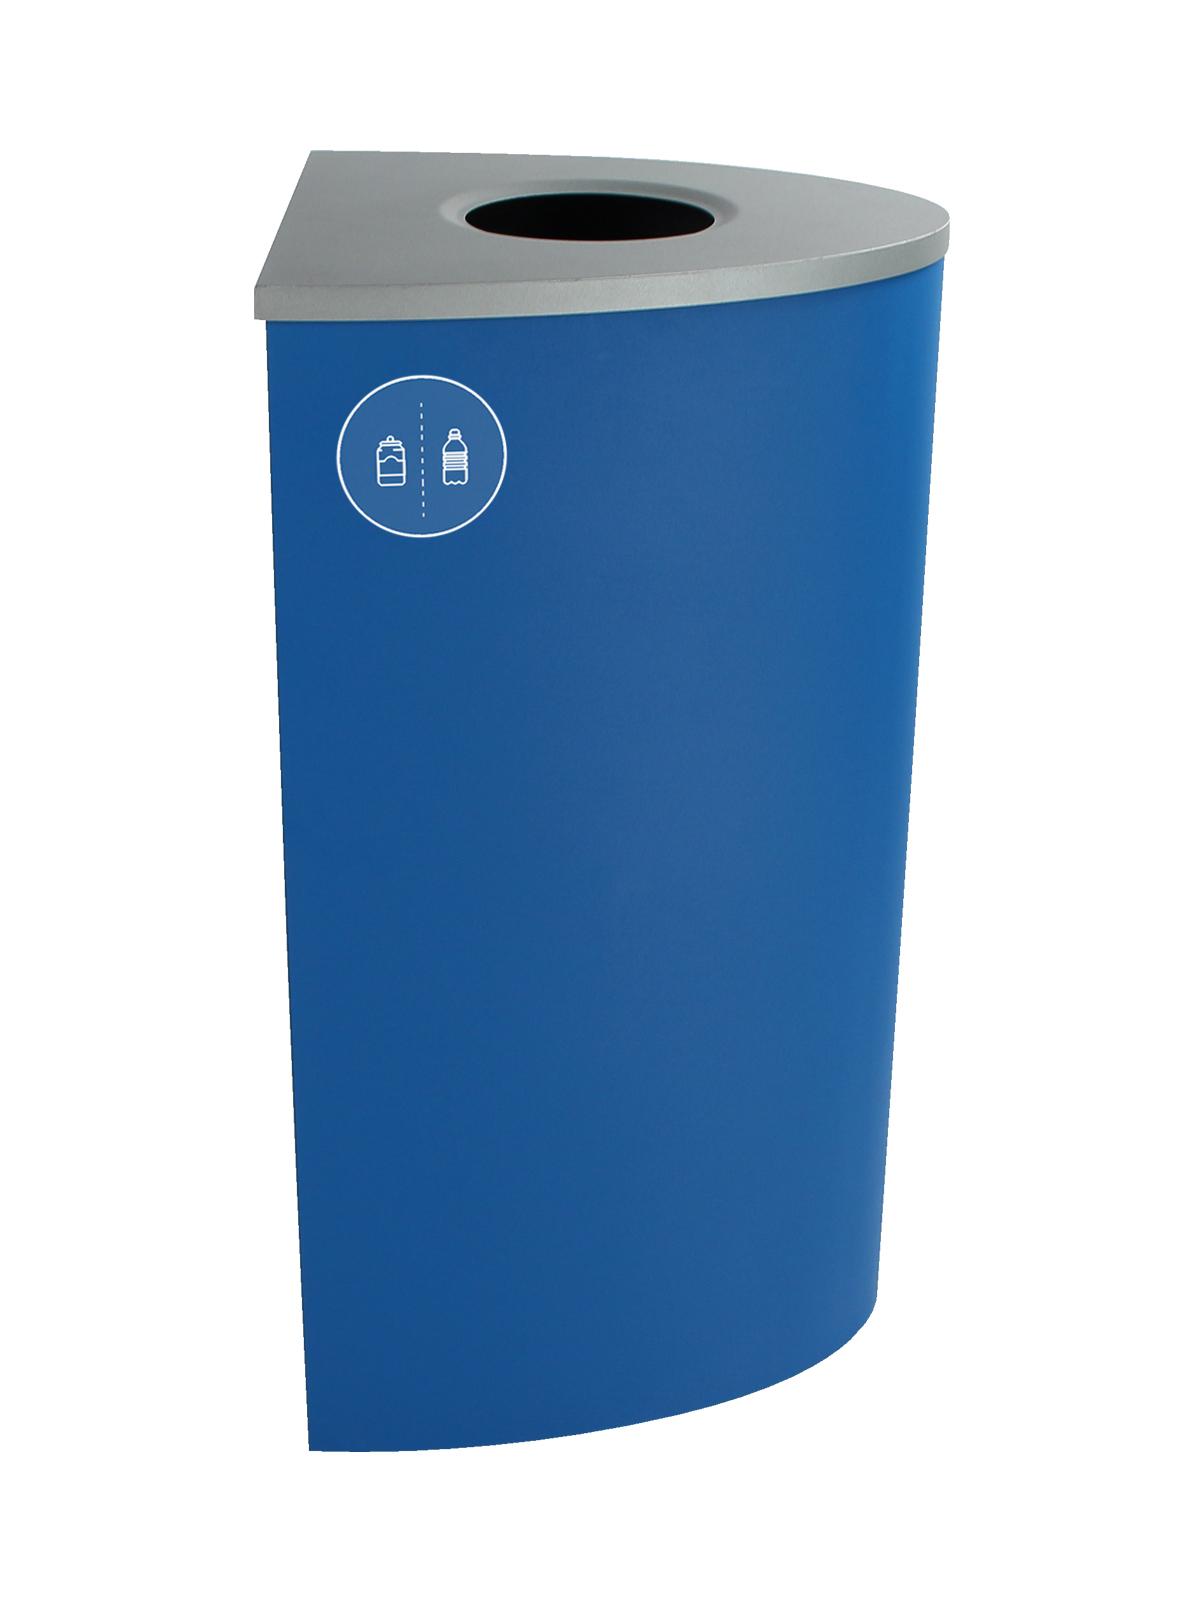 SPECTRUM - Single - Ellipse - Cans & Bottles - Circle - Blue